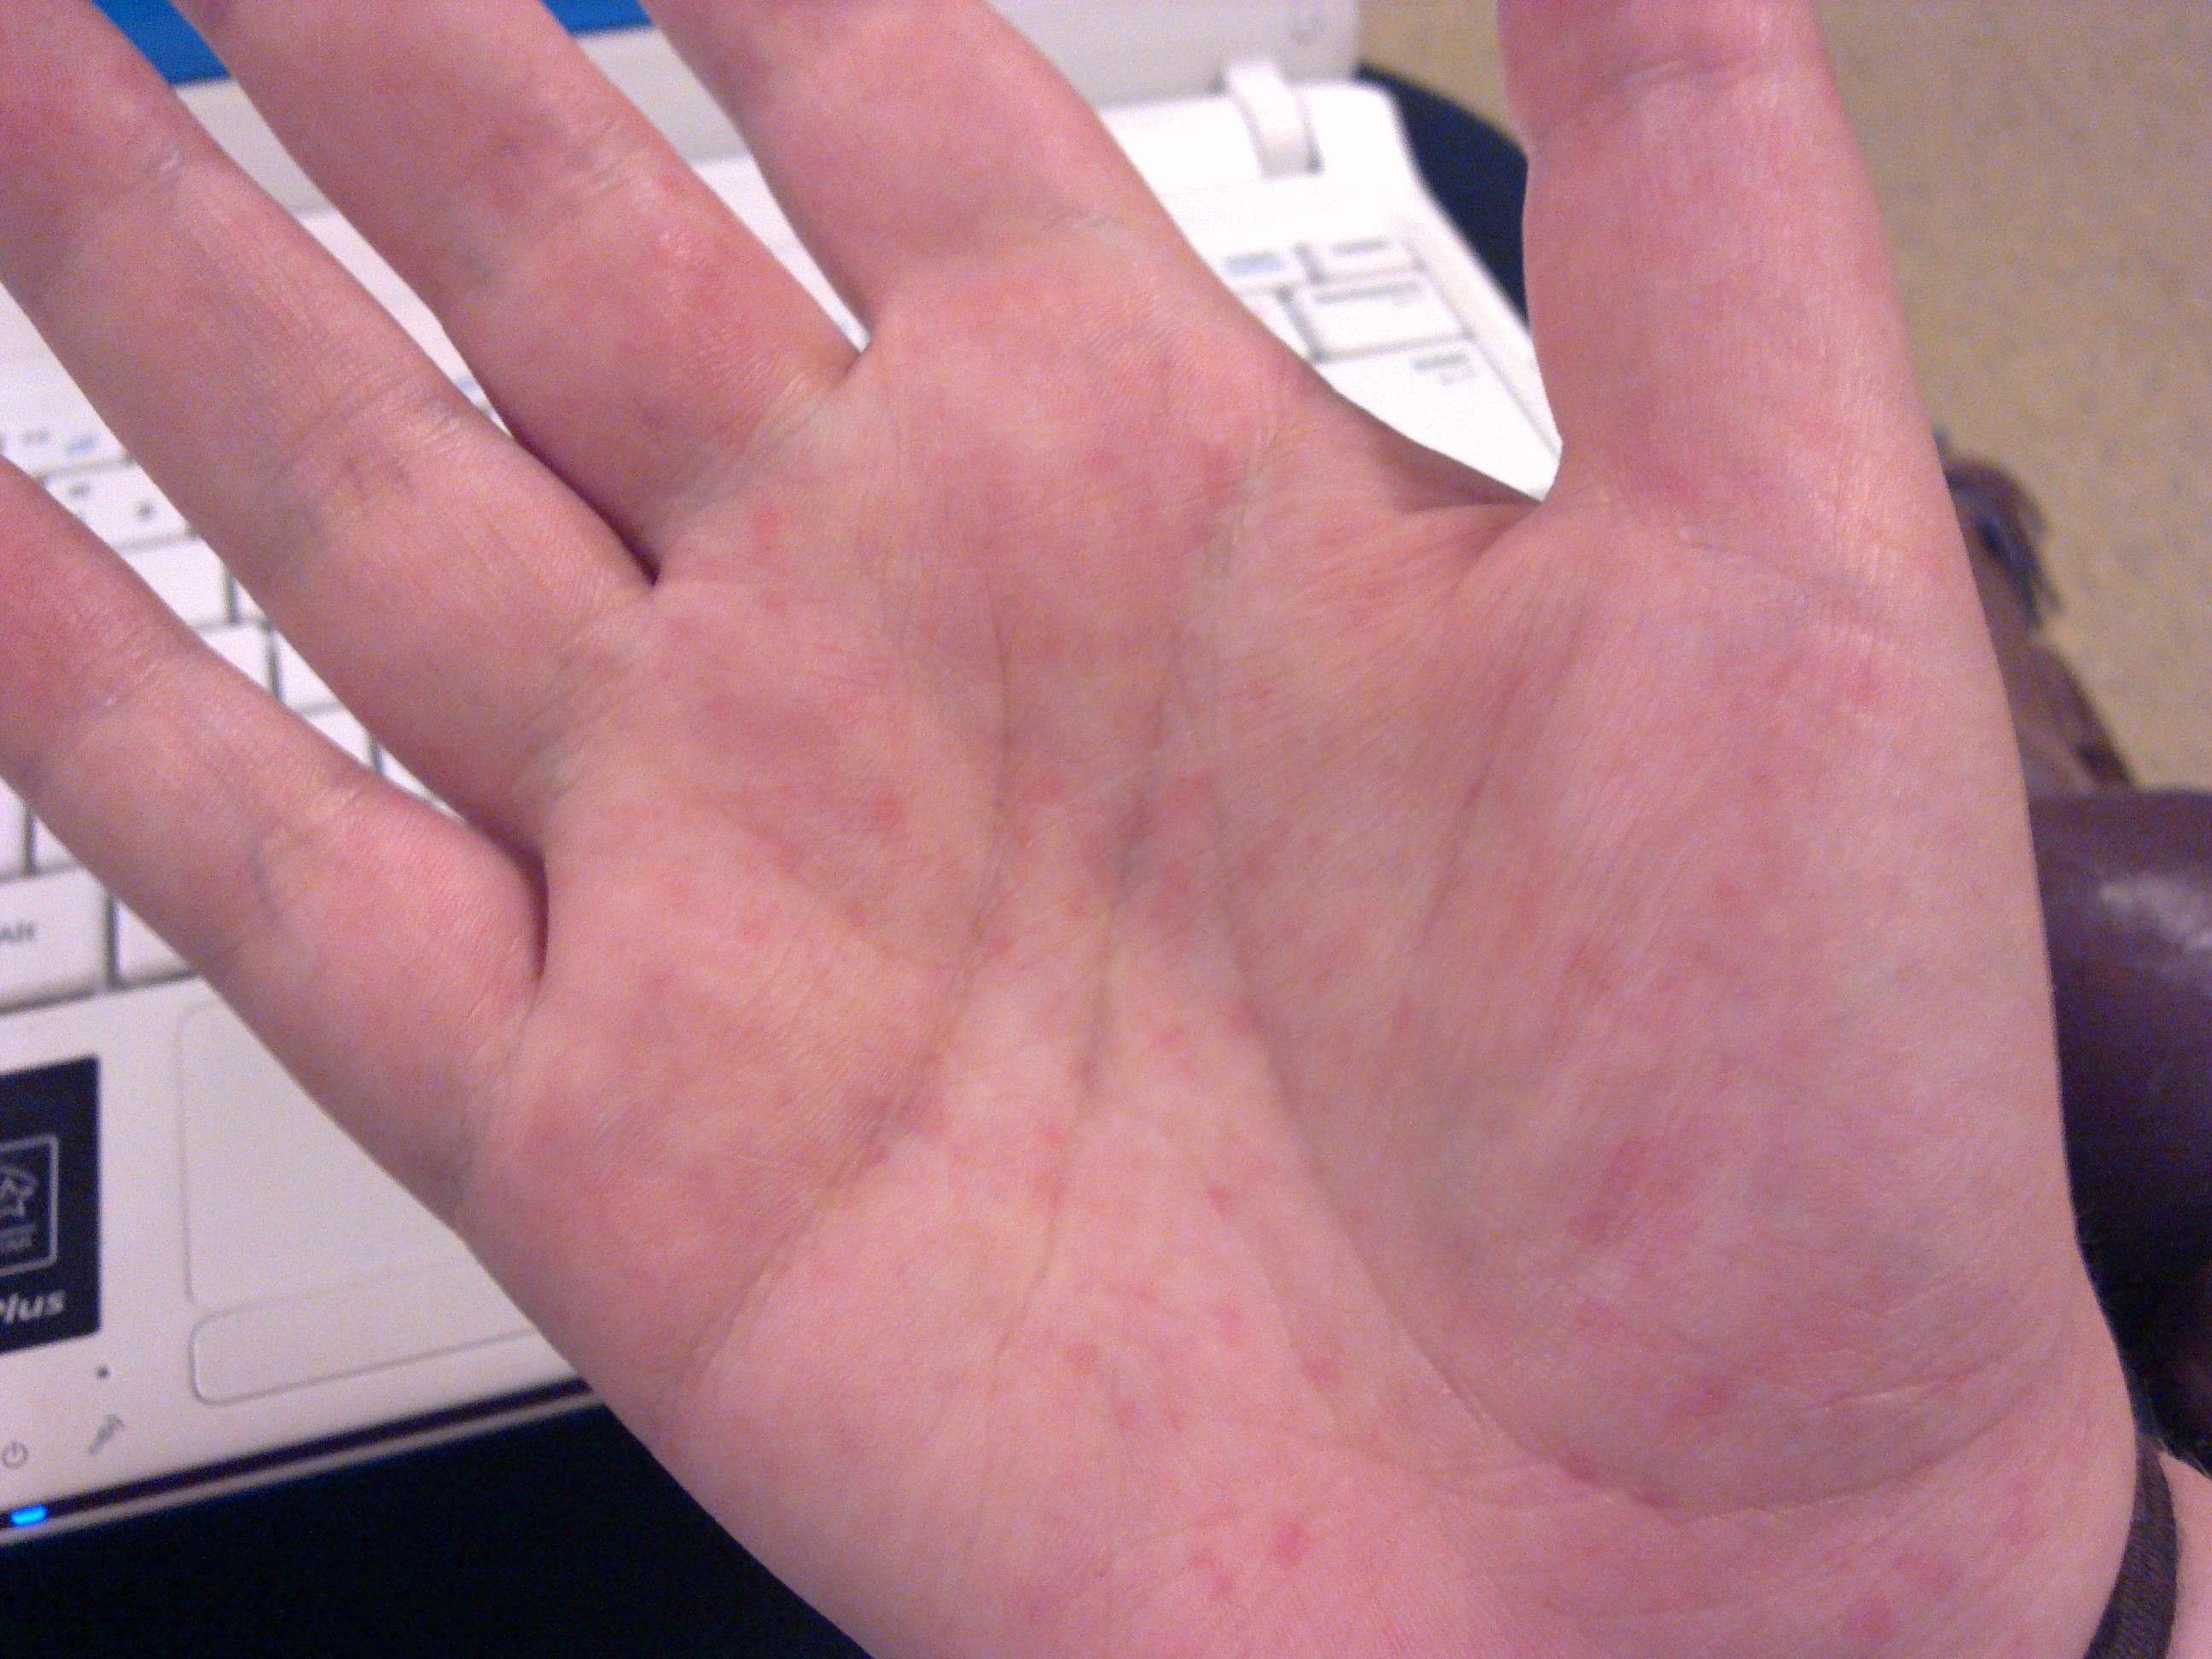 røde knopper på hænderne